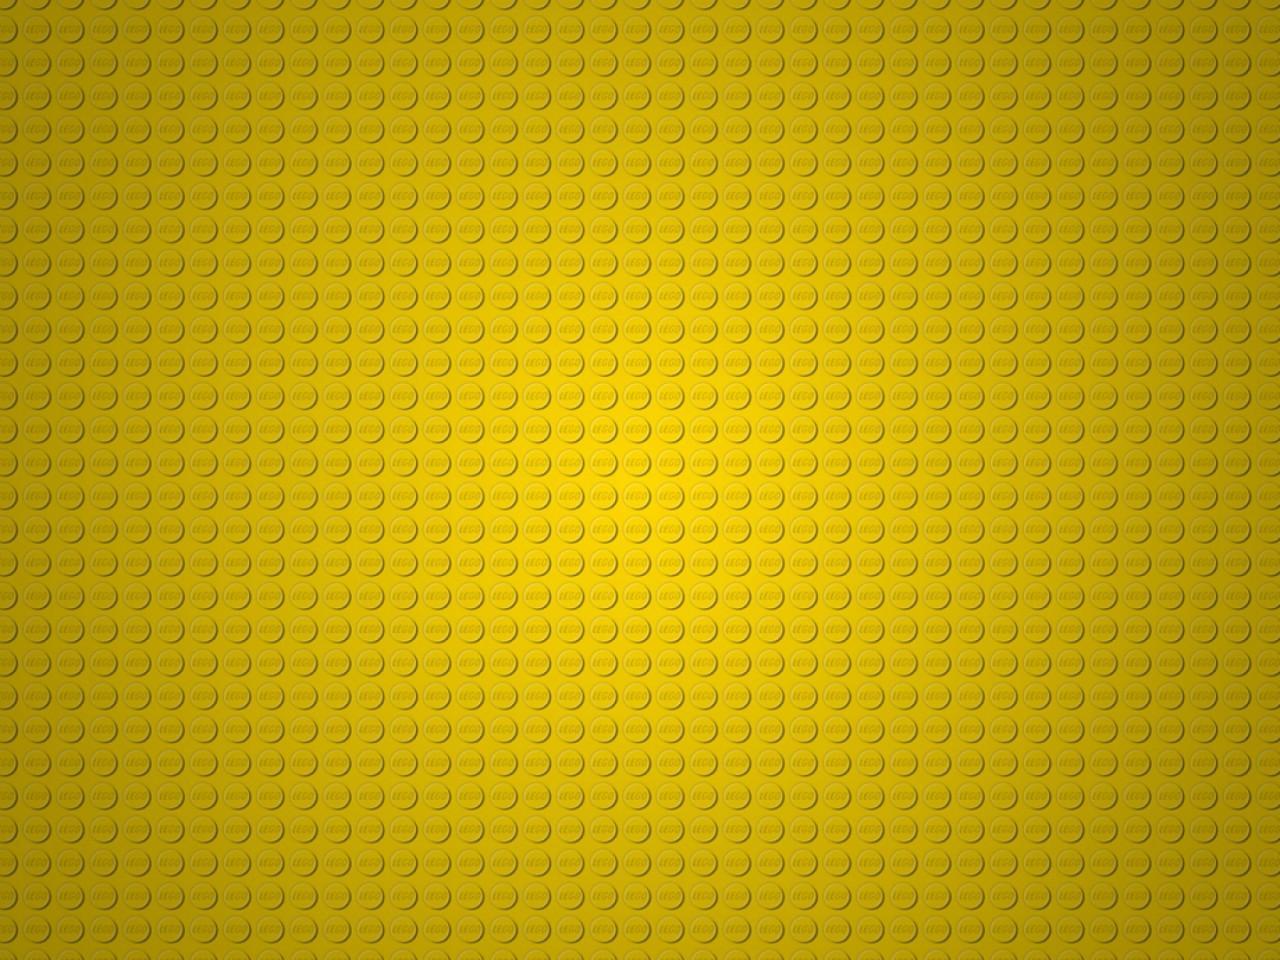 lego board wallpaper